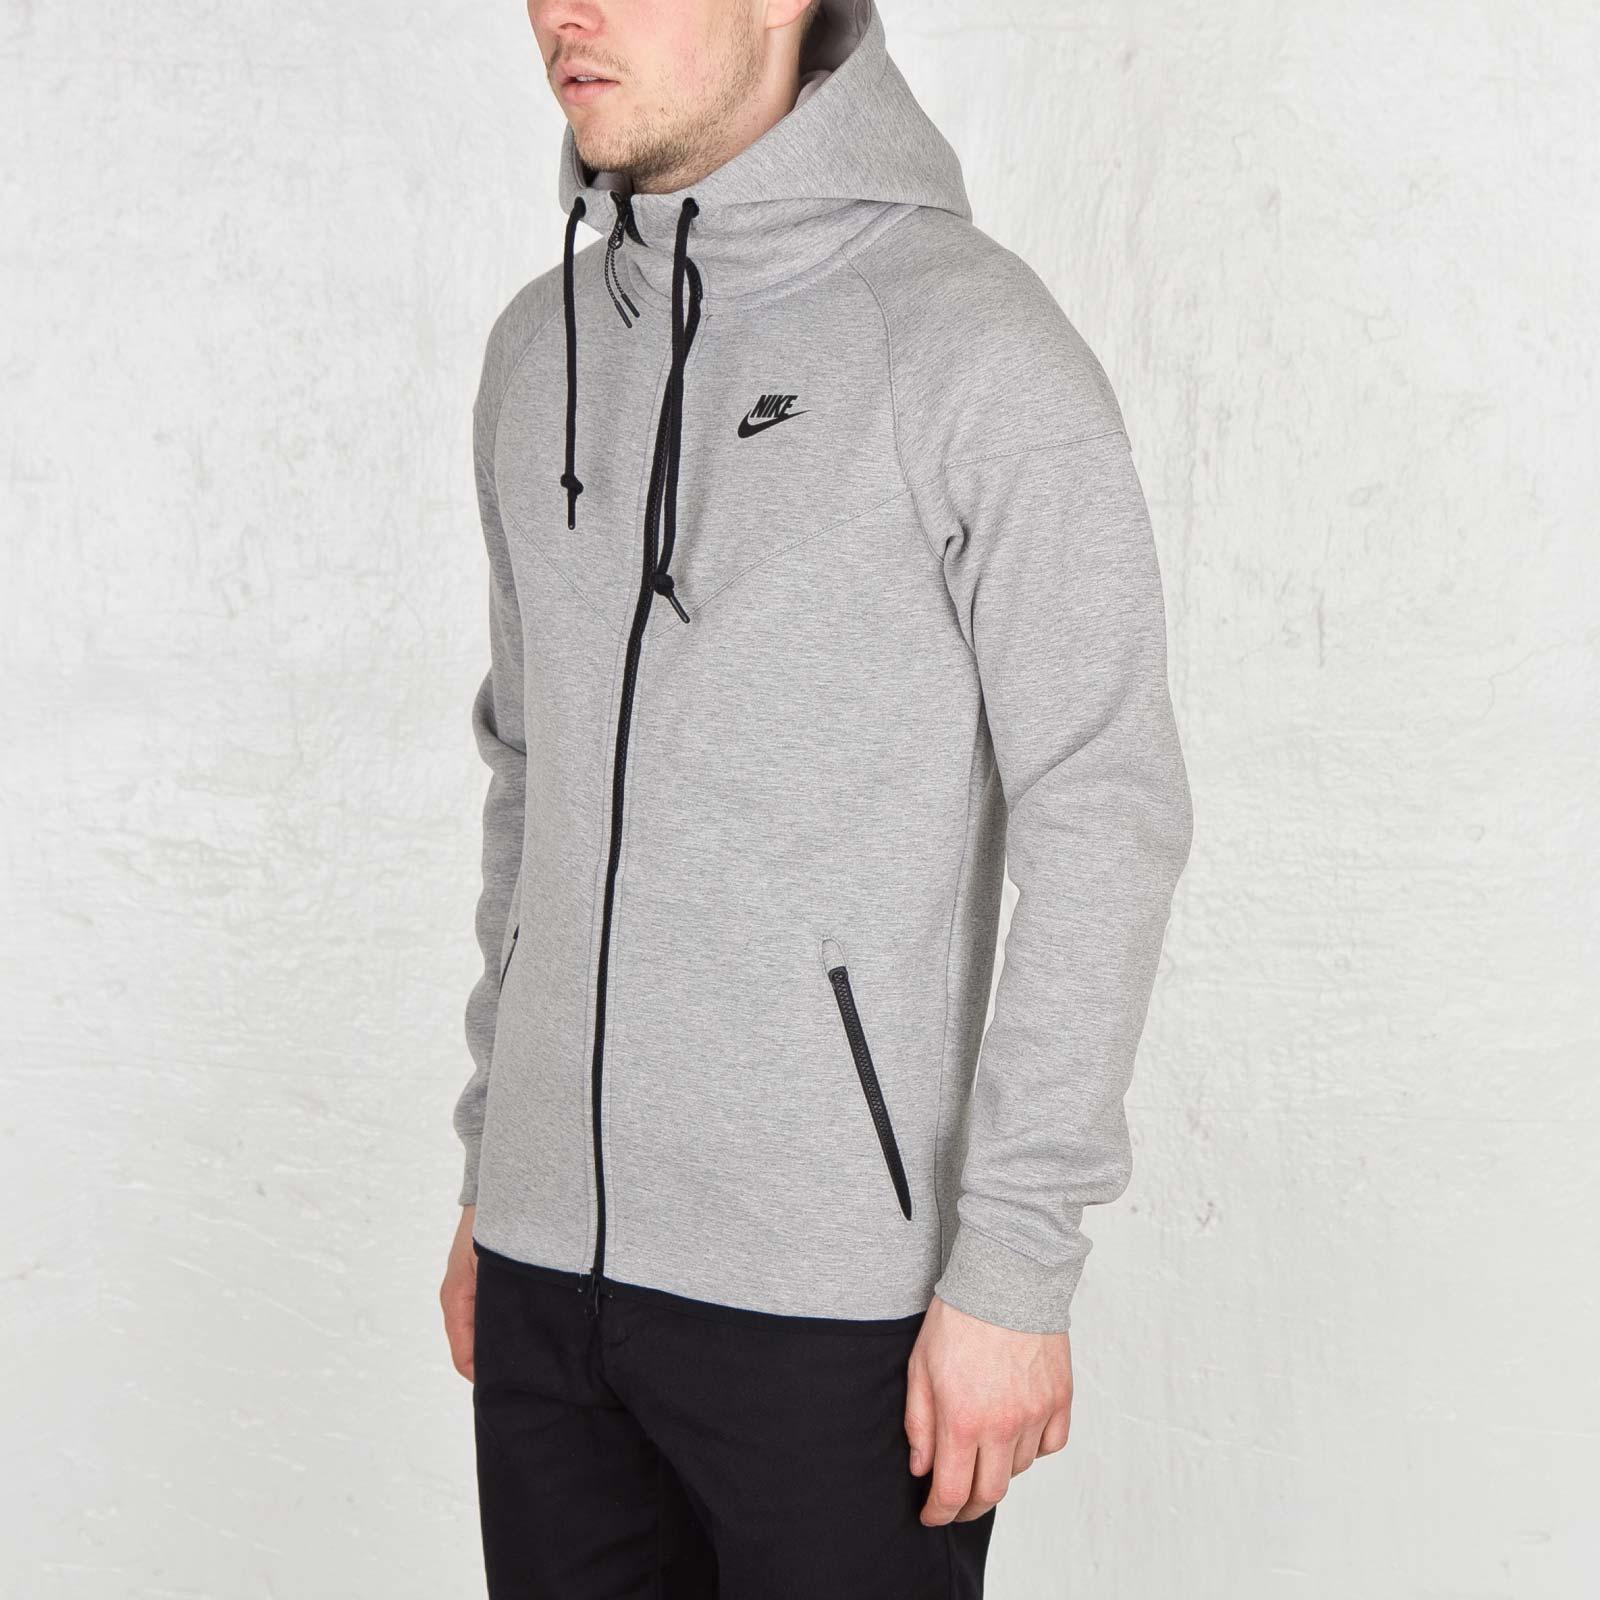 74cb4d20 Nike Tech Fleece Windrunner-1M - 545277-065 - Sneakersnstuff   sneakers &  streetwear online since 1999